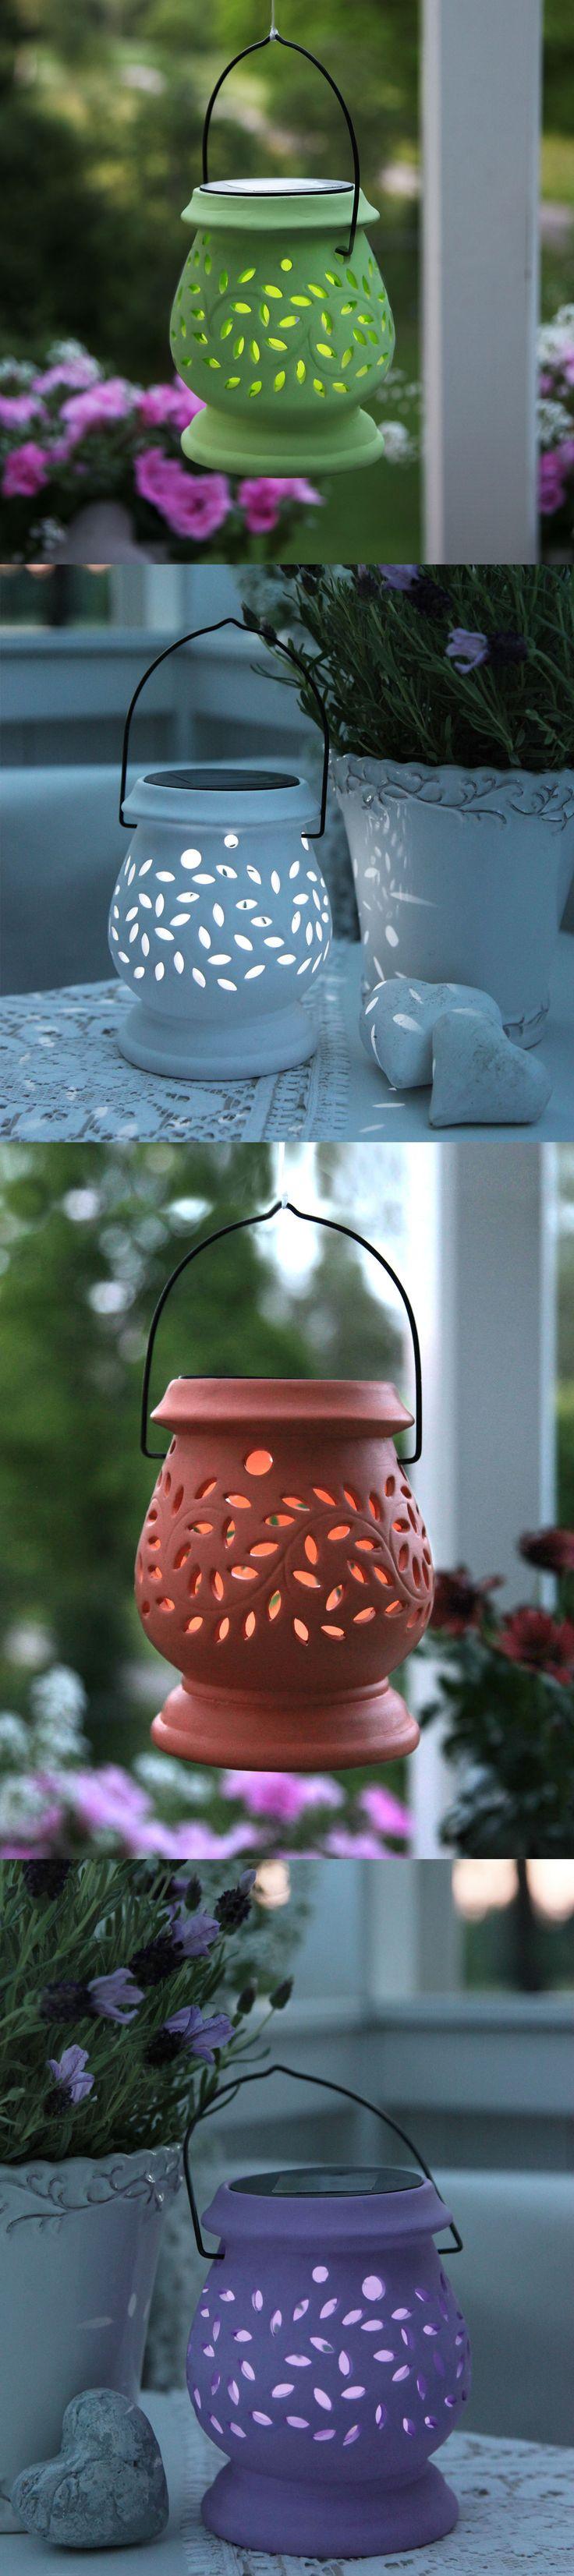 Solarne laterny, idealne na taras lub do ogrodu ! Znajdziecie je tutaj → http://bit.ly/LaternaSolarna